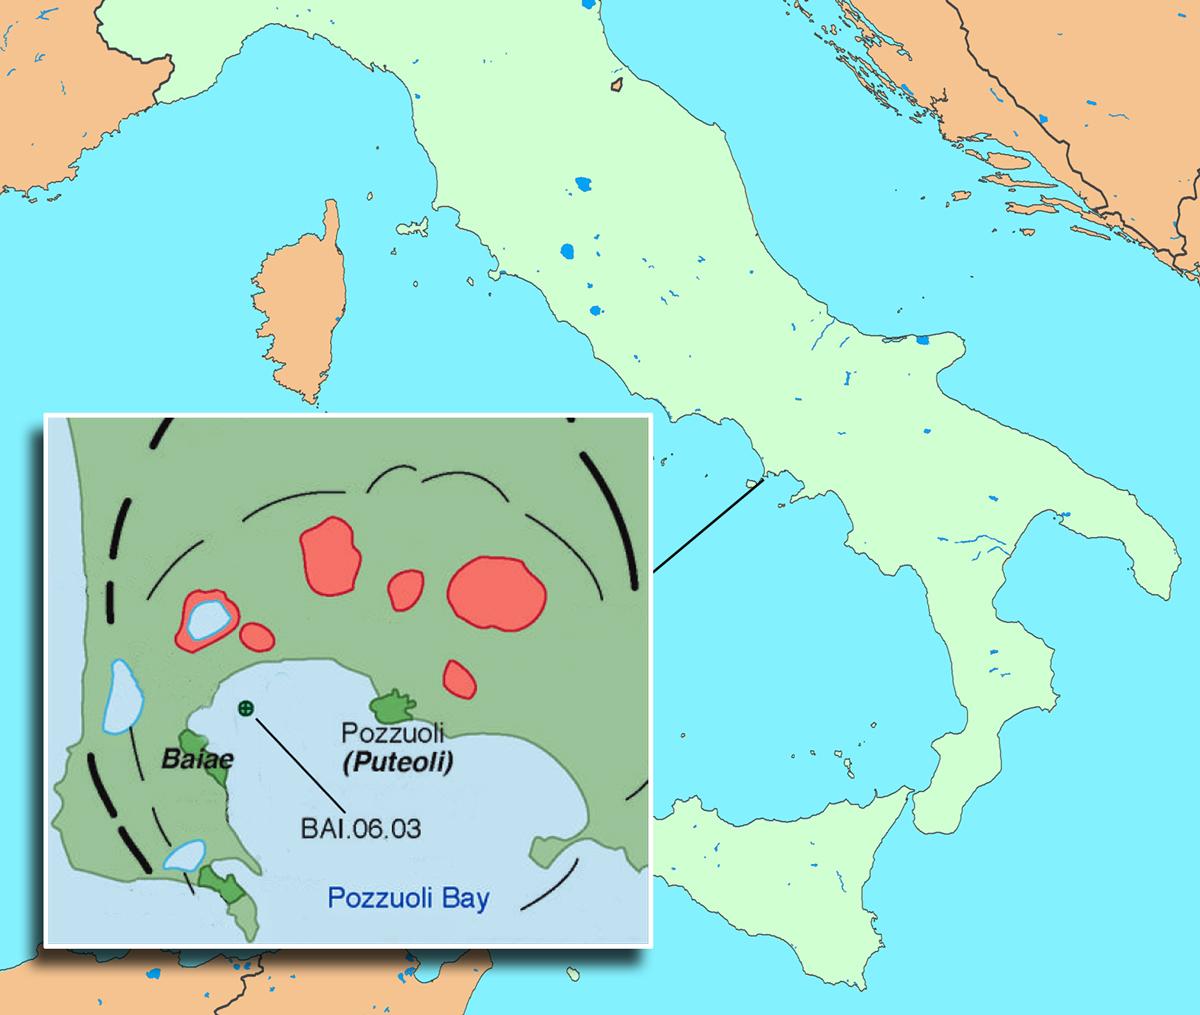 samples-from-Pozzuoli-Bay